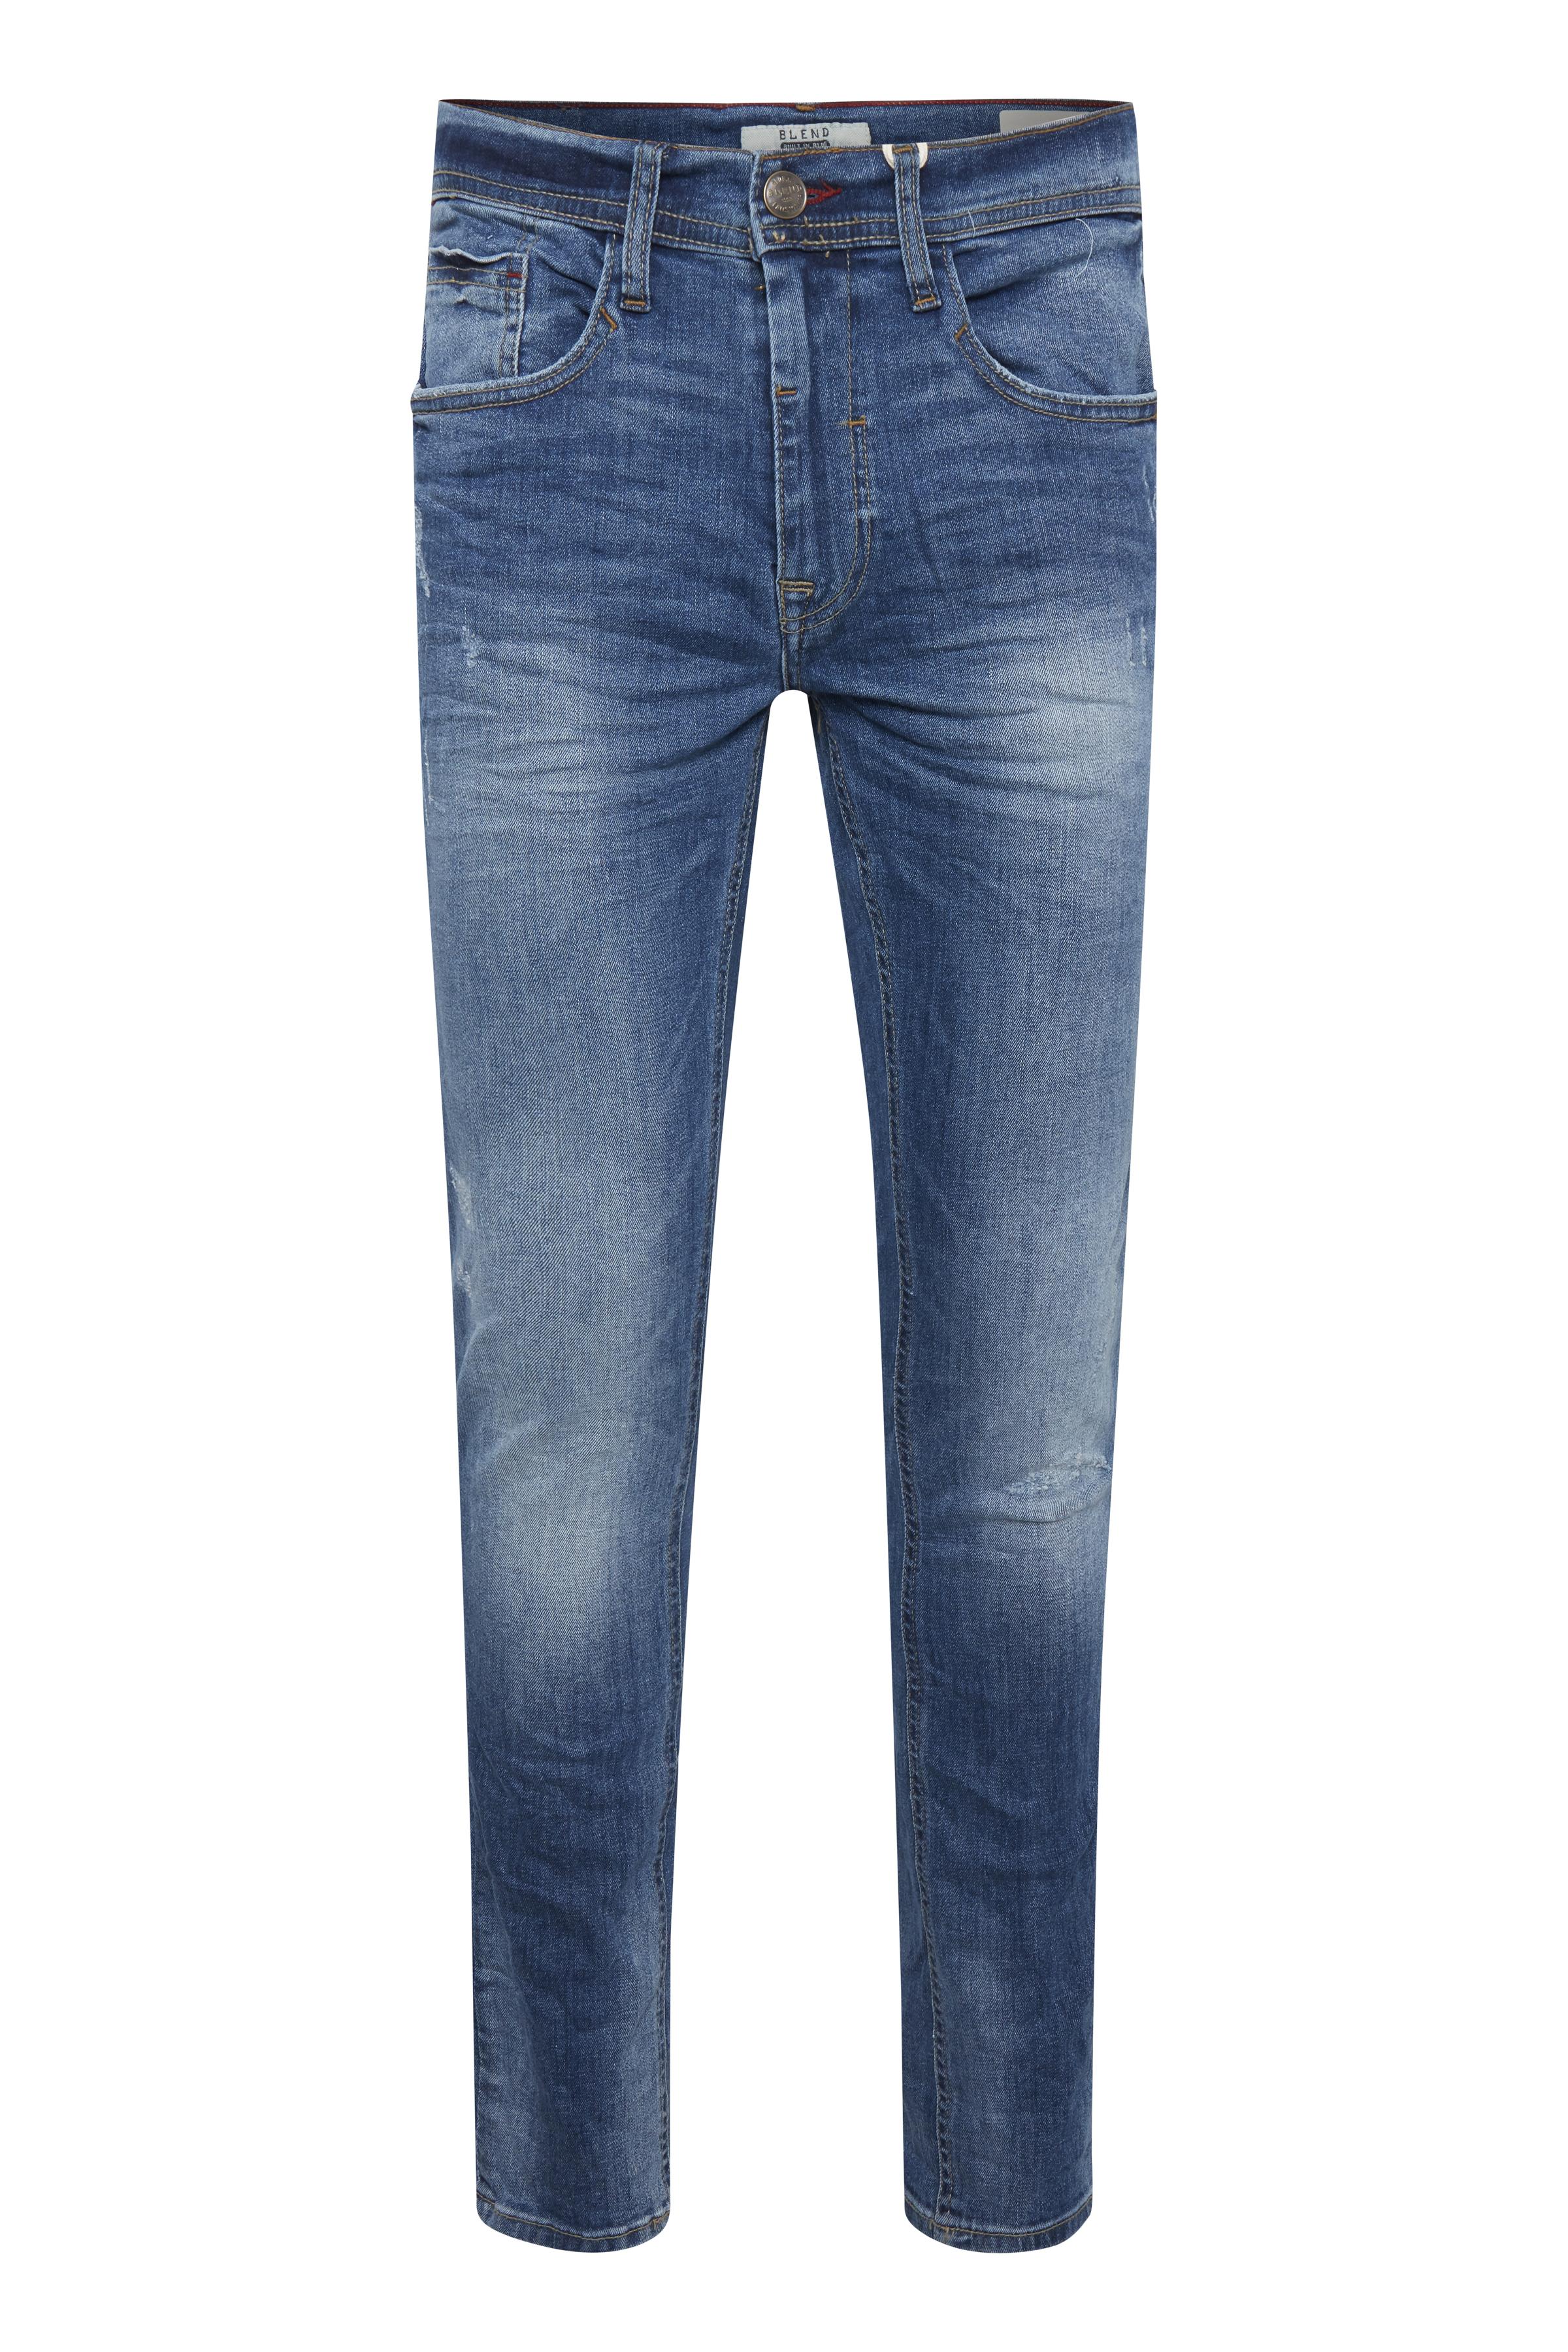 Denim light blue Jet jeans fra Blend He – Køb Denim light blue Jet jeans fra str. 25-40 her